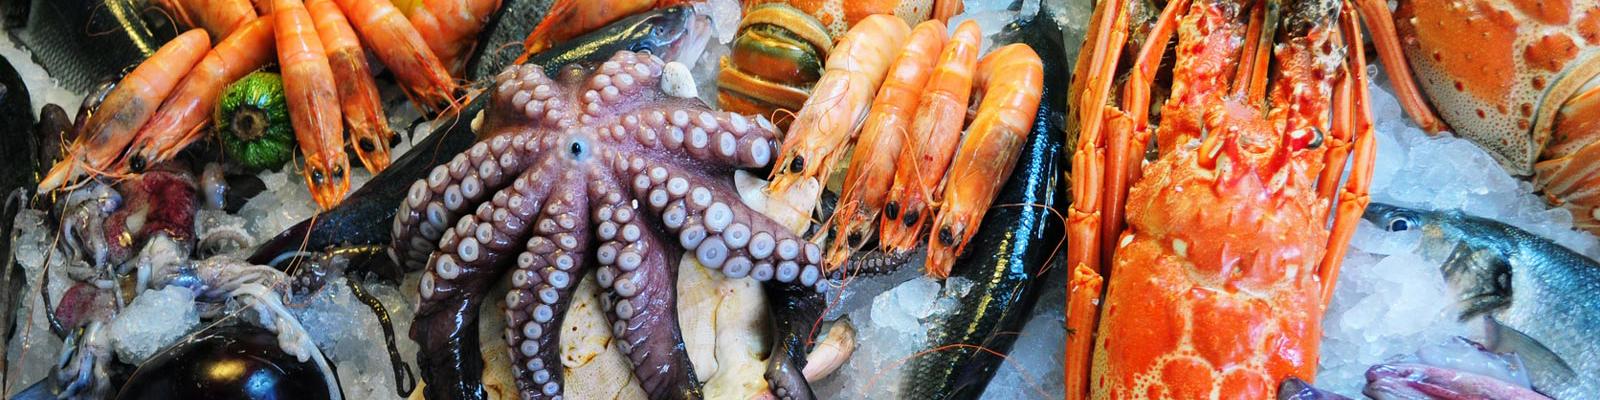 Productos - Toscamare, congelados frescos del mar